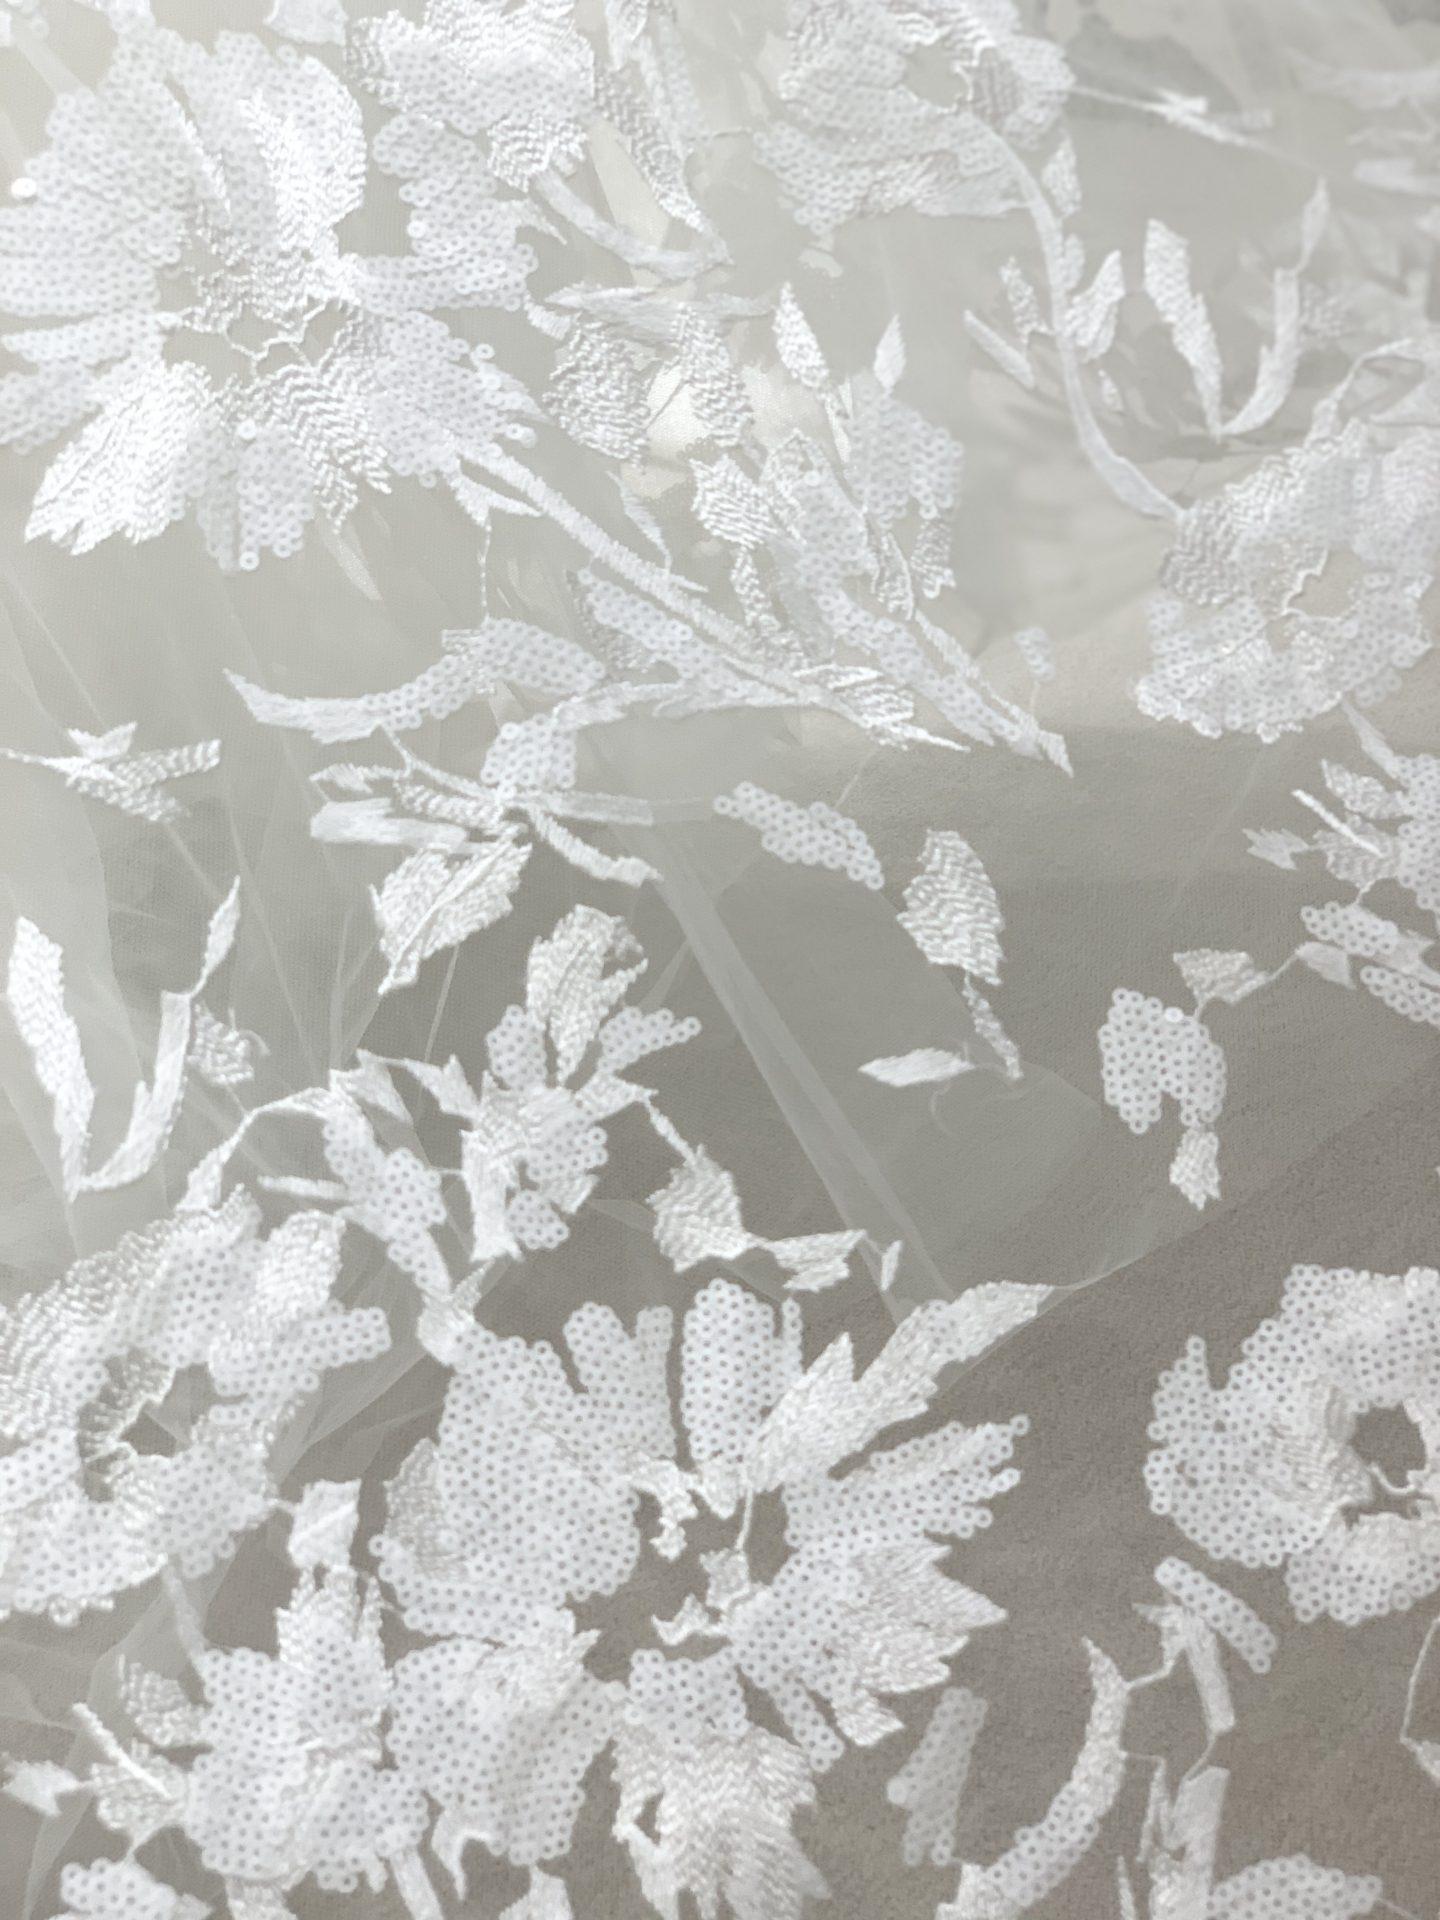 立体的なコードリバーレースや繊細なシャンテリーレースが施された美しいAラインのウェディングドレス